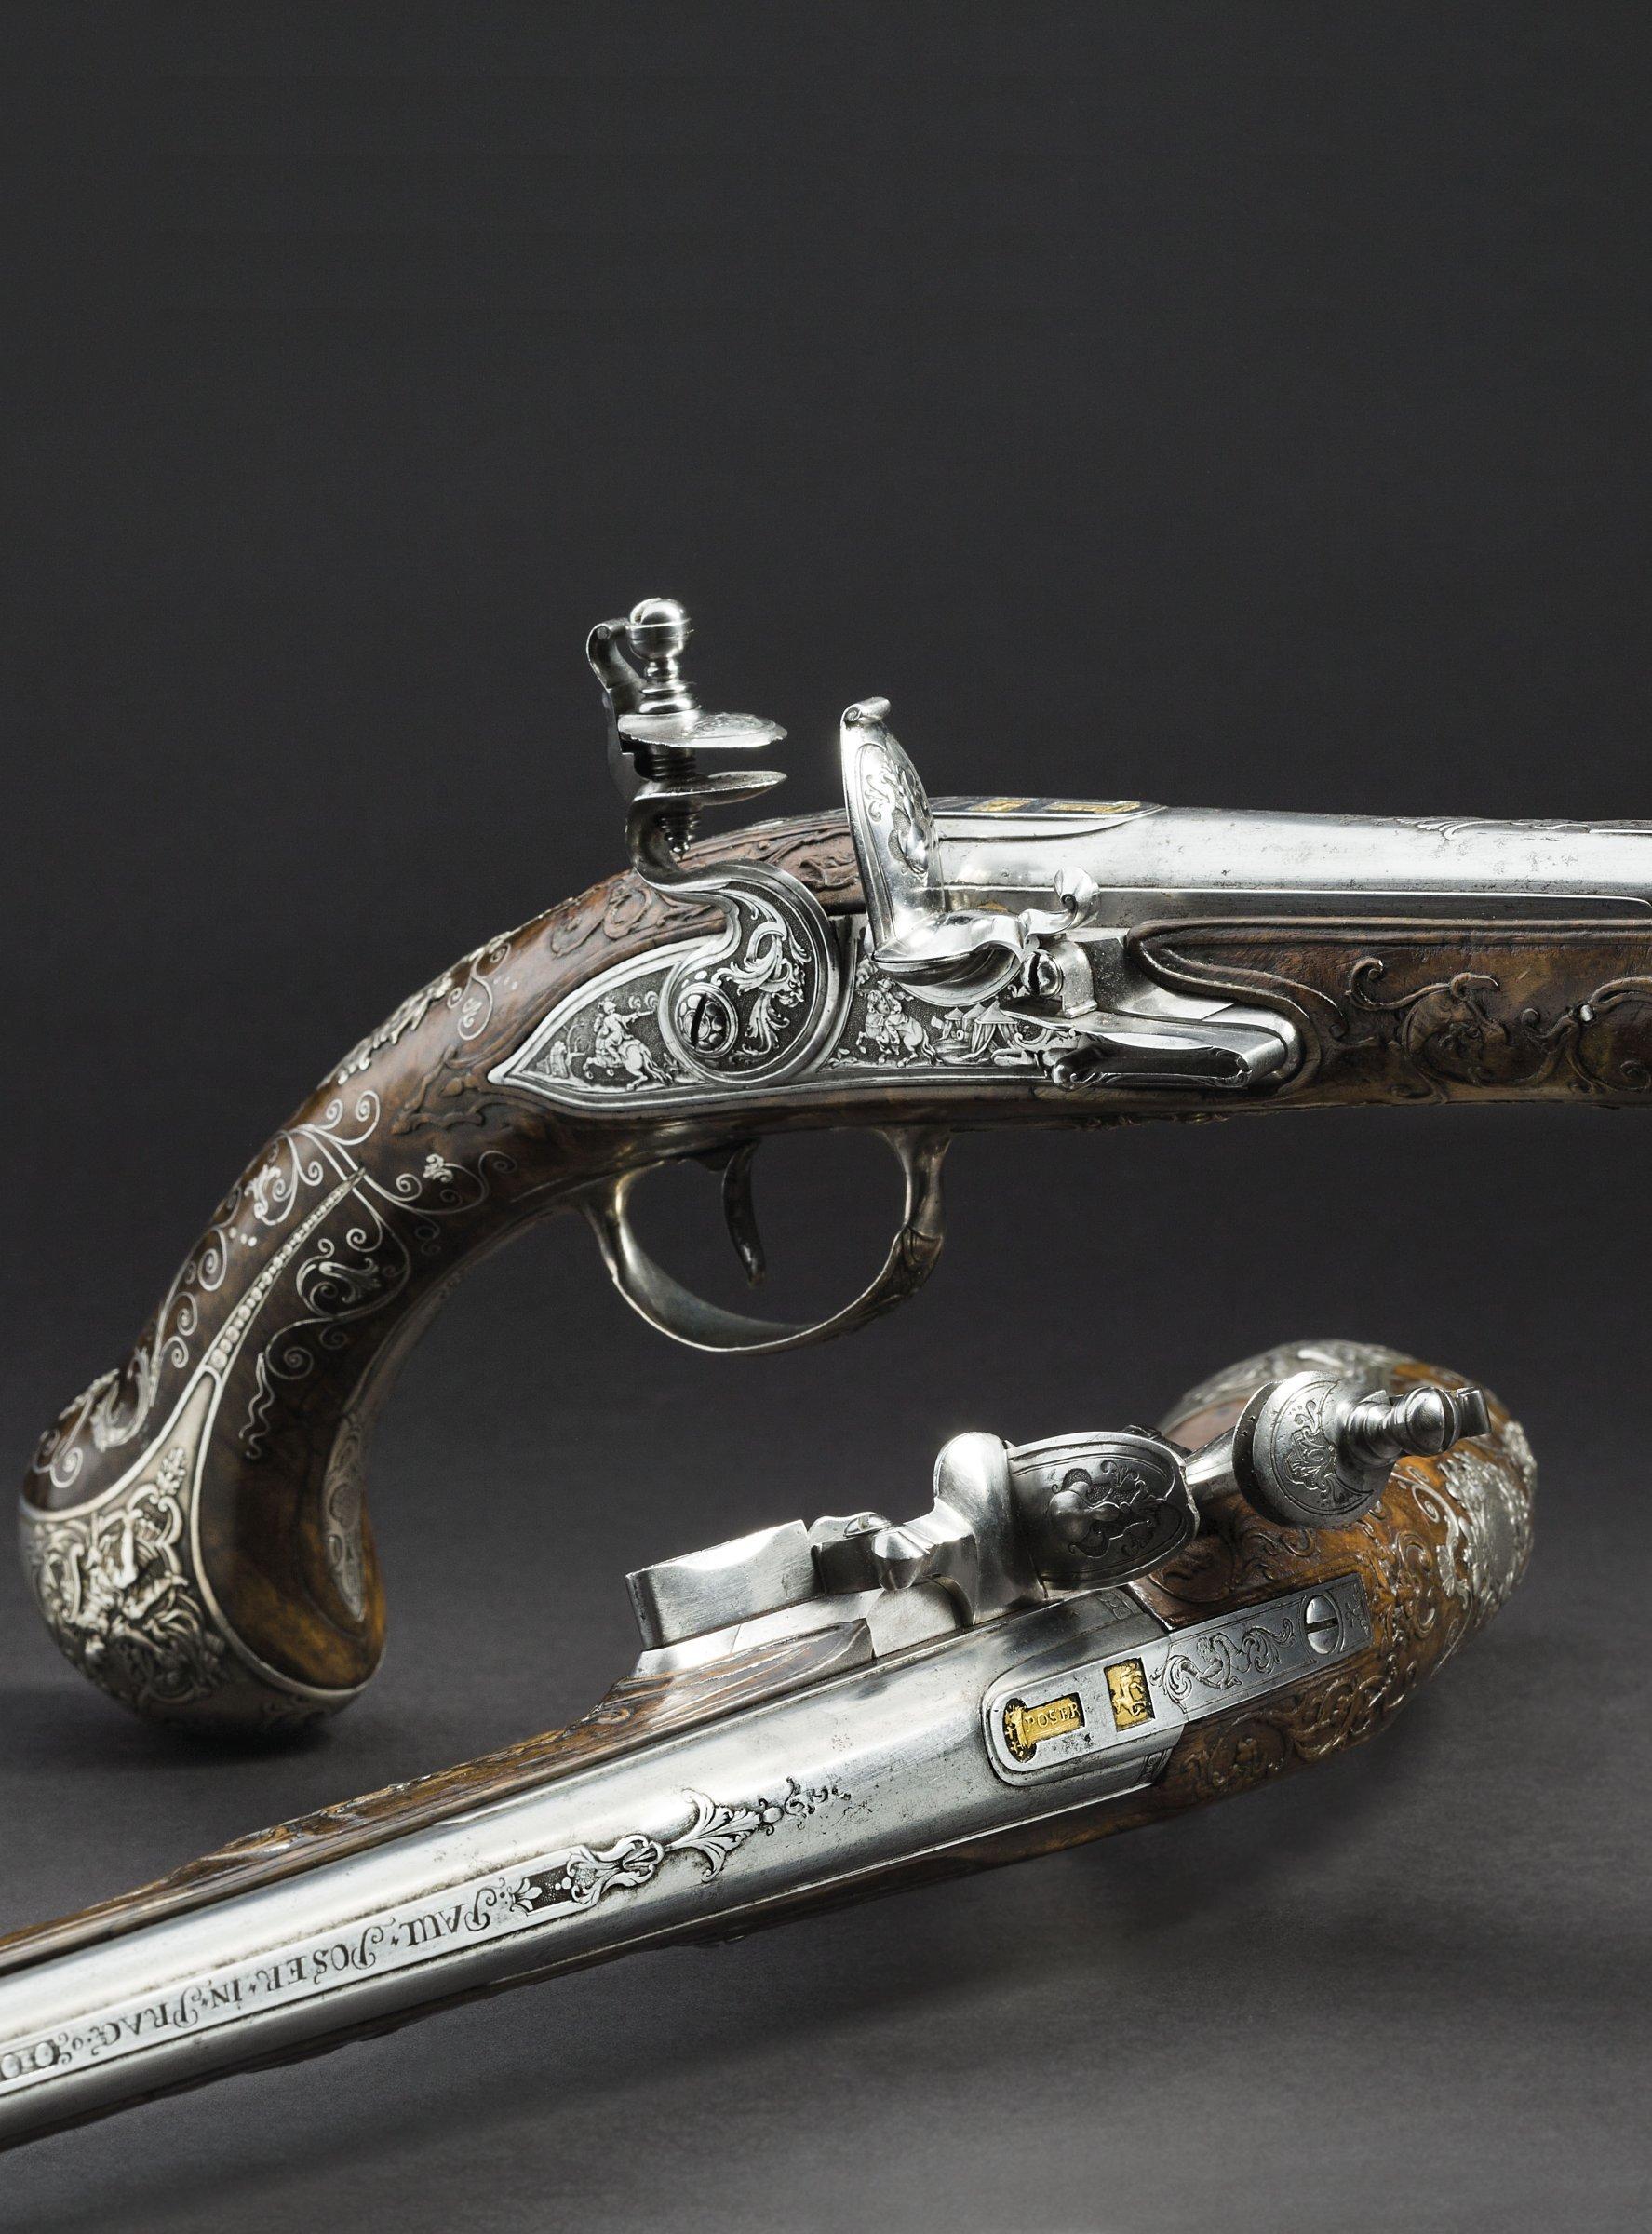 pistoler auktion pris